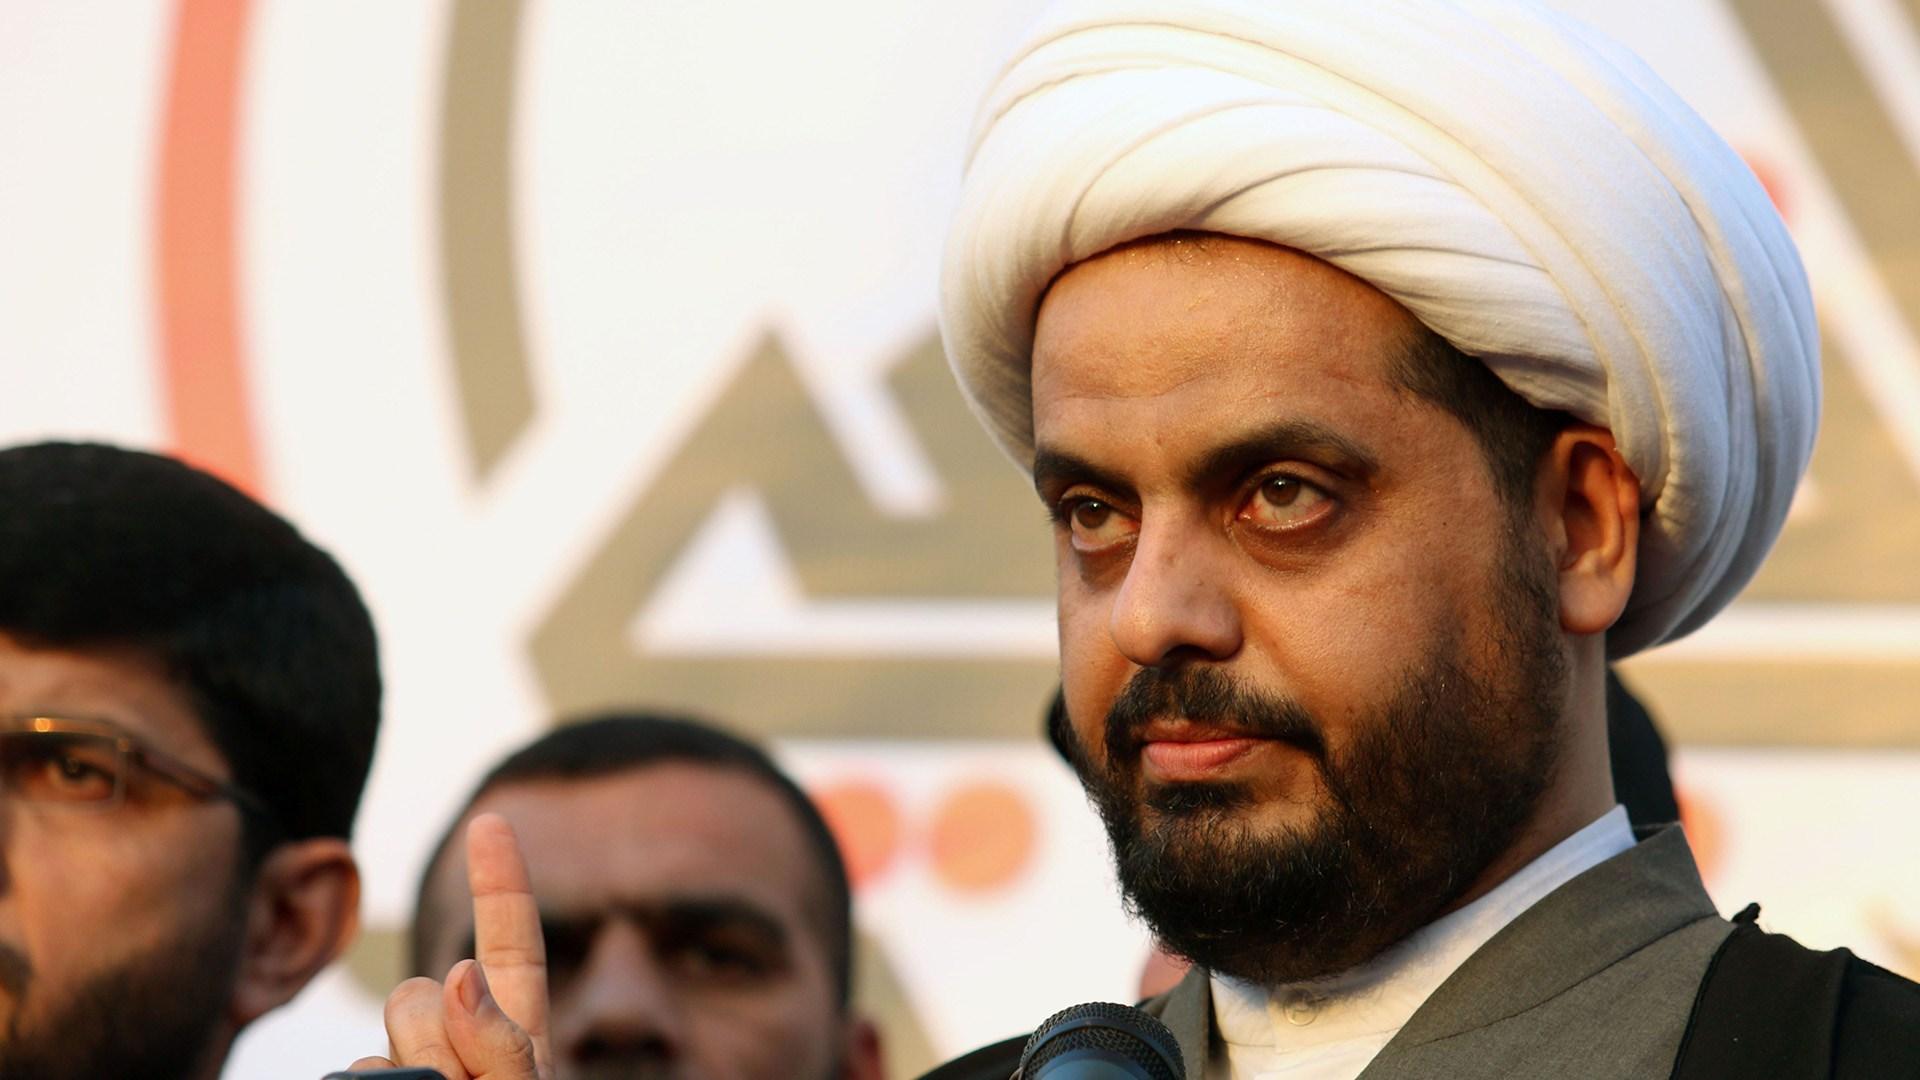 الخزعلي يتهم شركة بريطانية بالتورط في اغتيال سليماني والمهندس